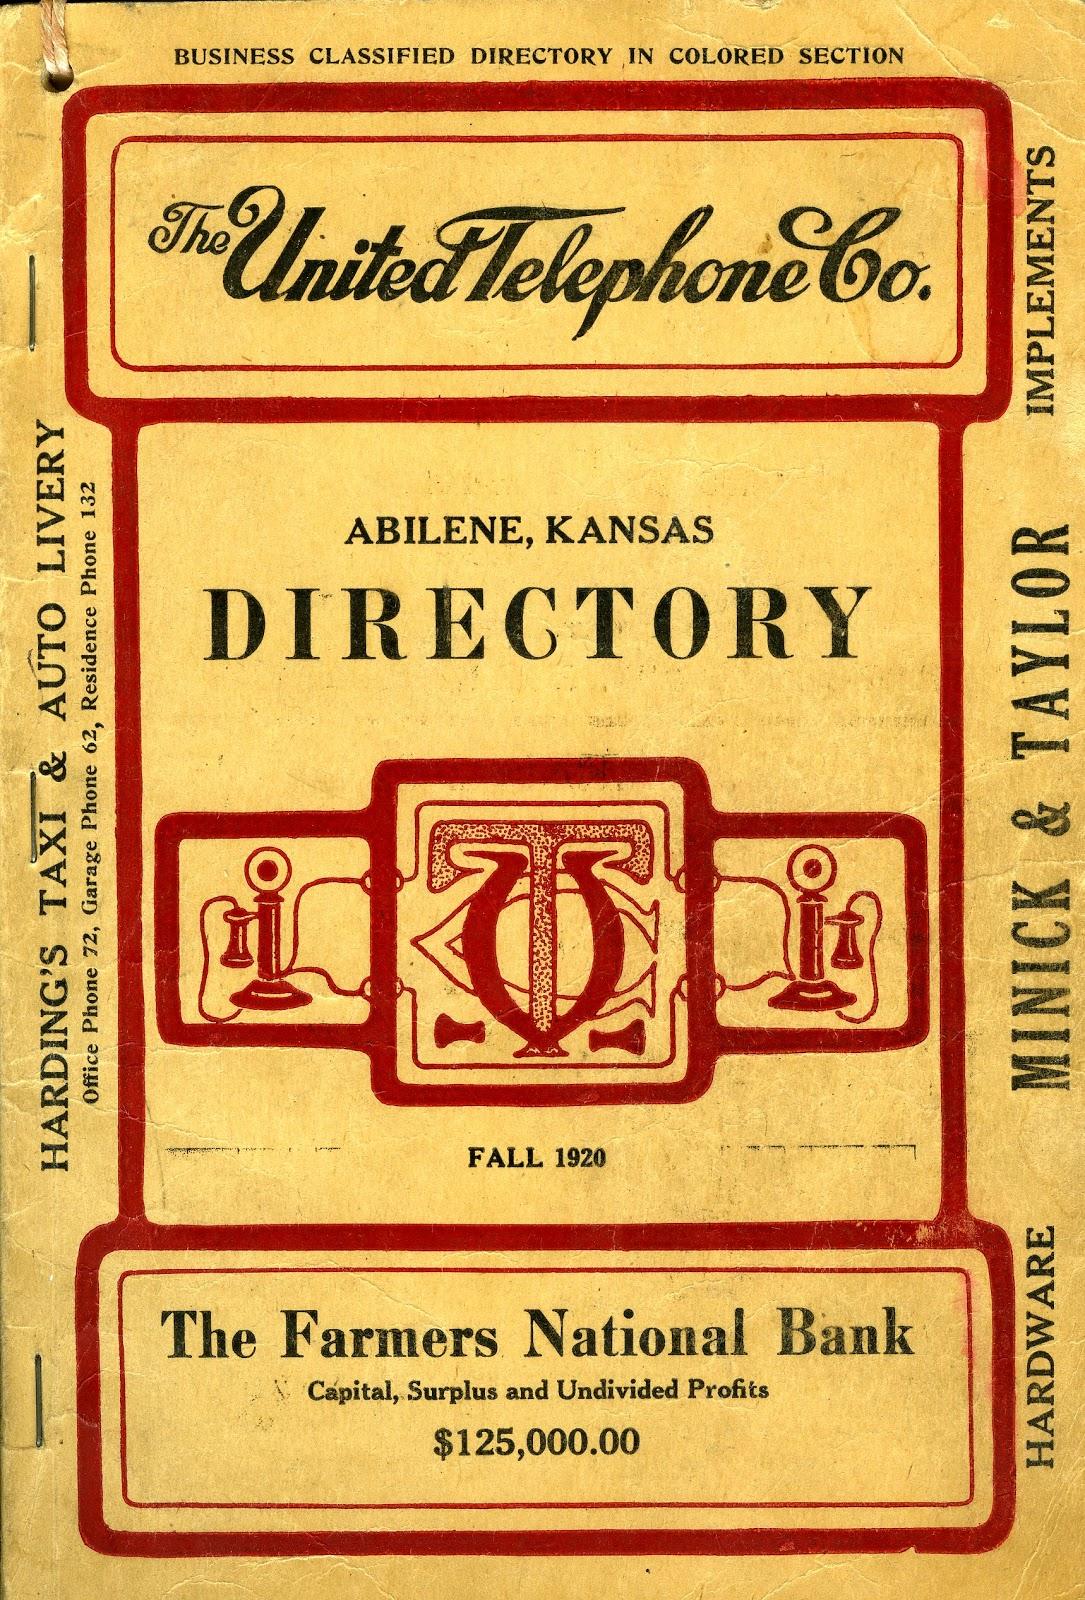 Kansas dickinson county abilene - Abilene S 1920 Directory Image Courtesy Of The Dickinson County Historical Society